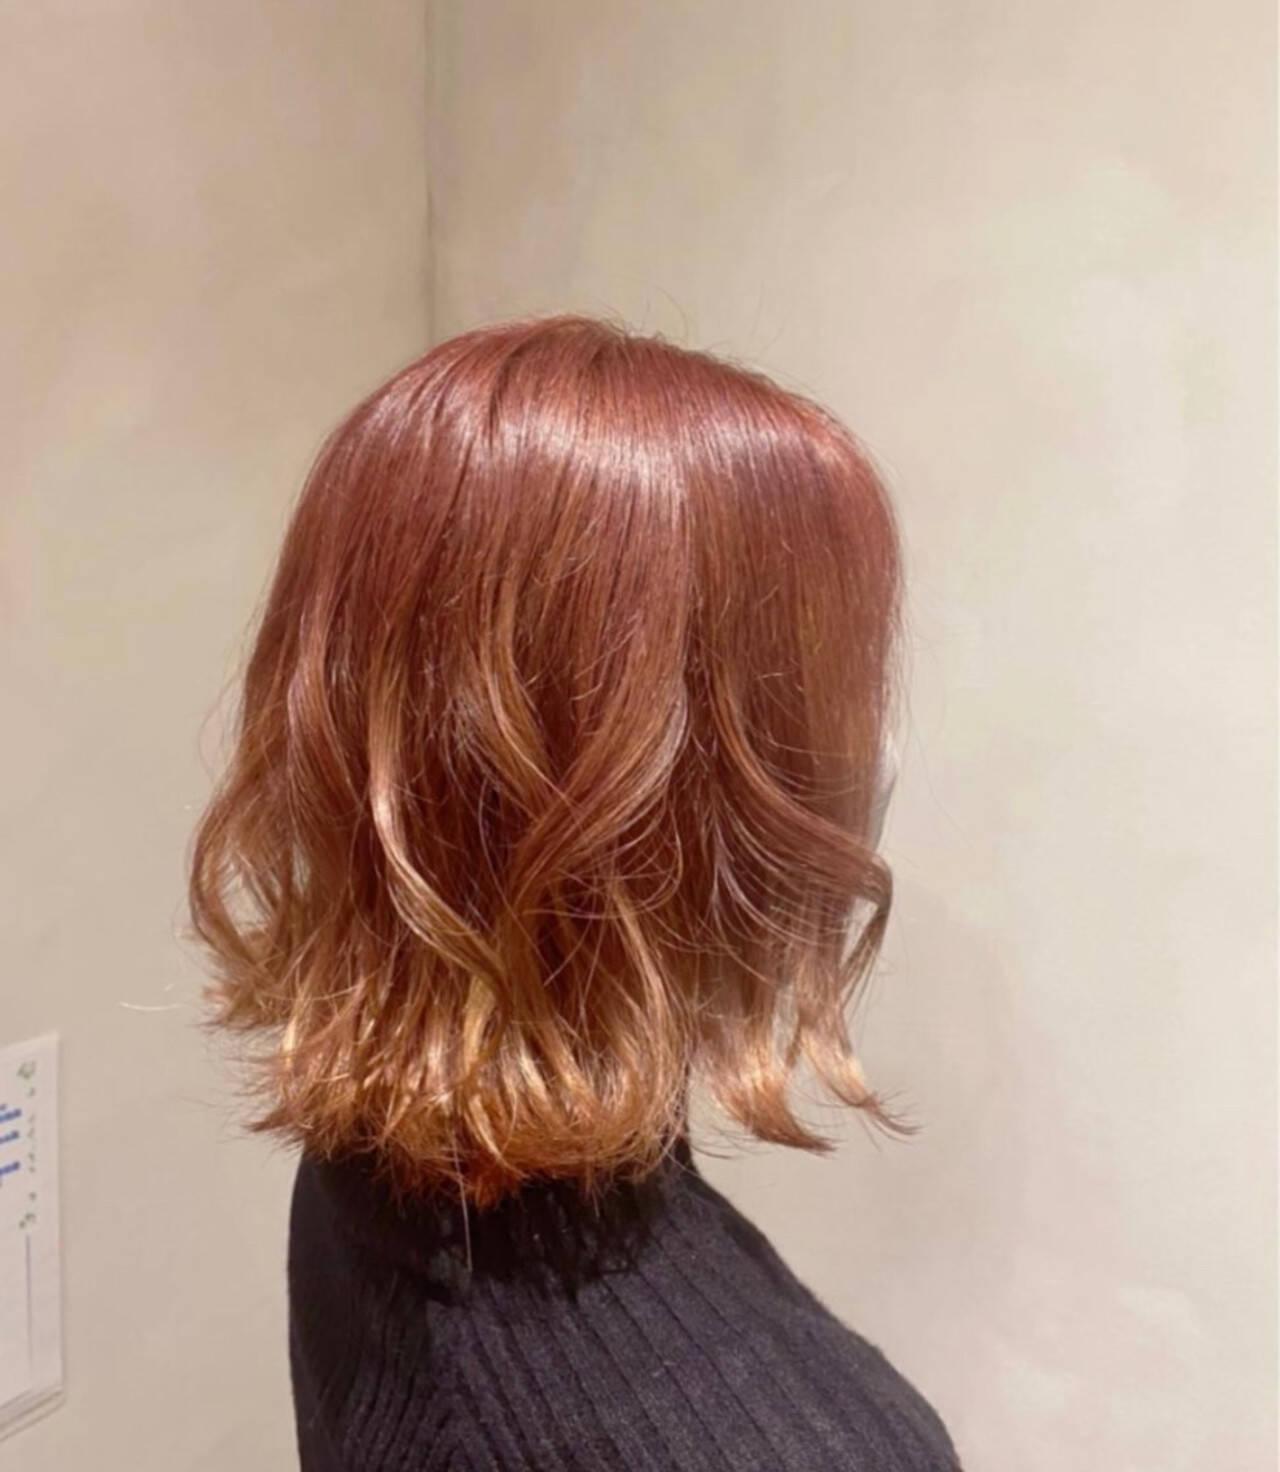 ボブ ピンクブラウン ナチュラル オレンジベージュヘアスタイルや髪型の写真・画像